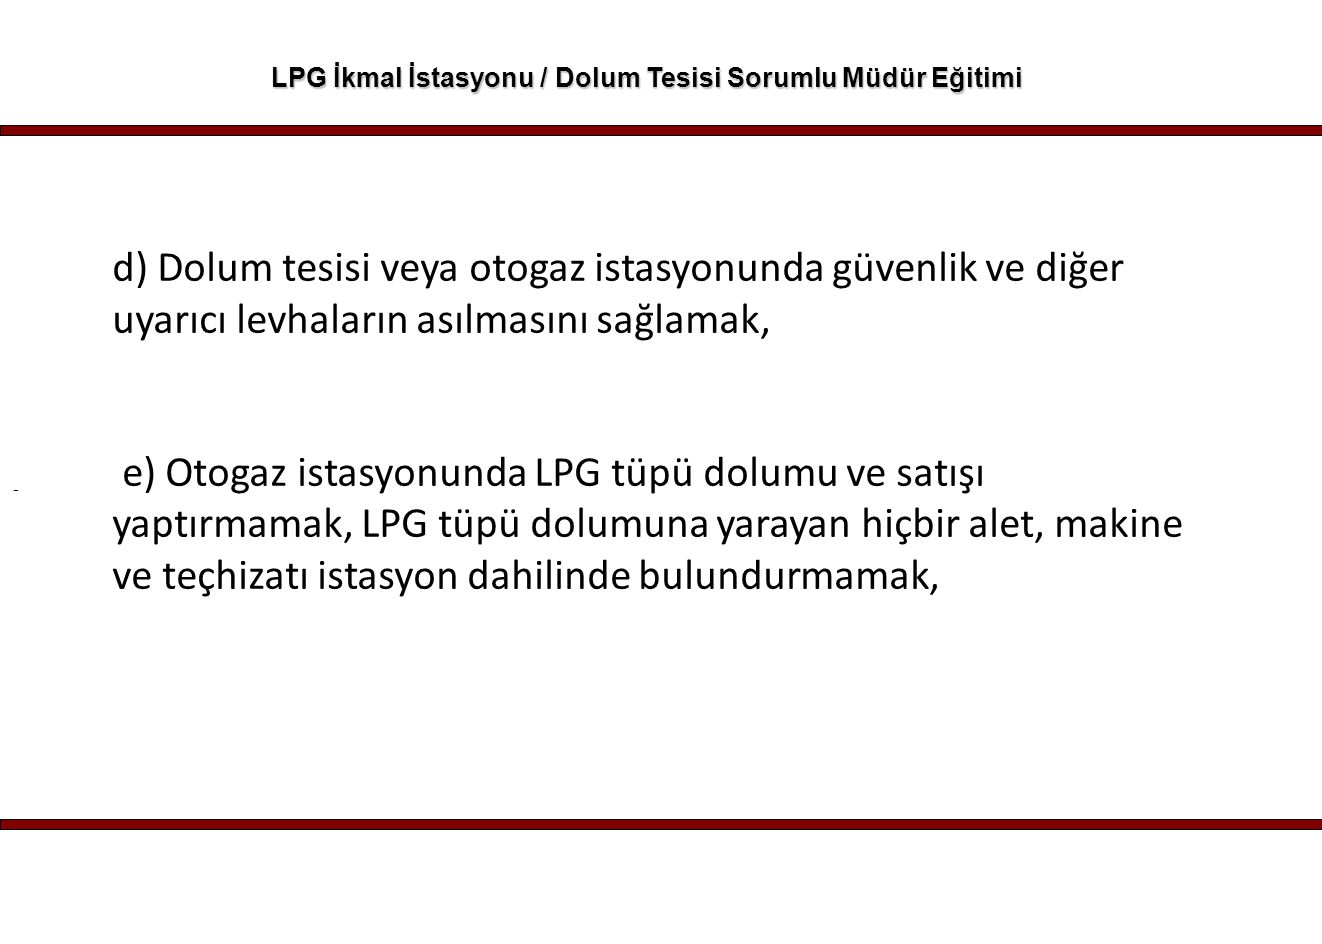 - LPG İkmal İstasyonu / Dolum Tesisi Sorumlu Müdür Eğitimi d) Dolum tesisi veya otogaz istasyonunda güvenlik ve diğer uyarıcı levhaların asılmasını sa